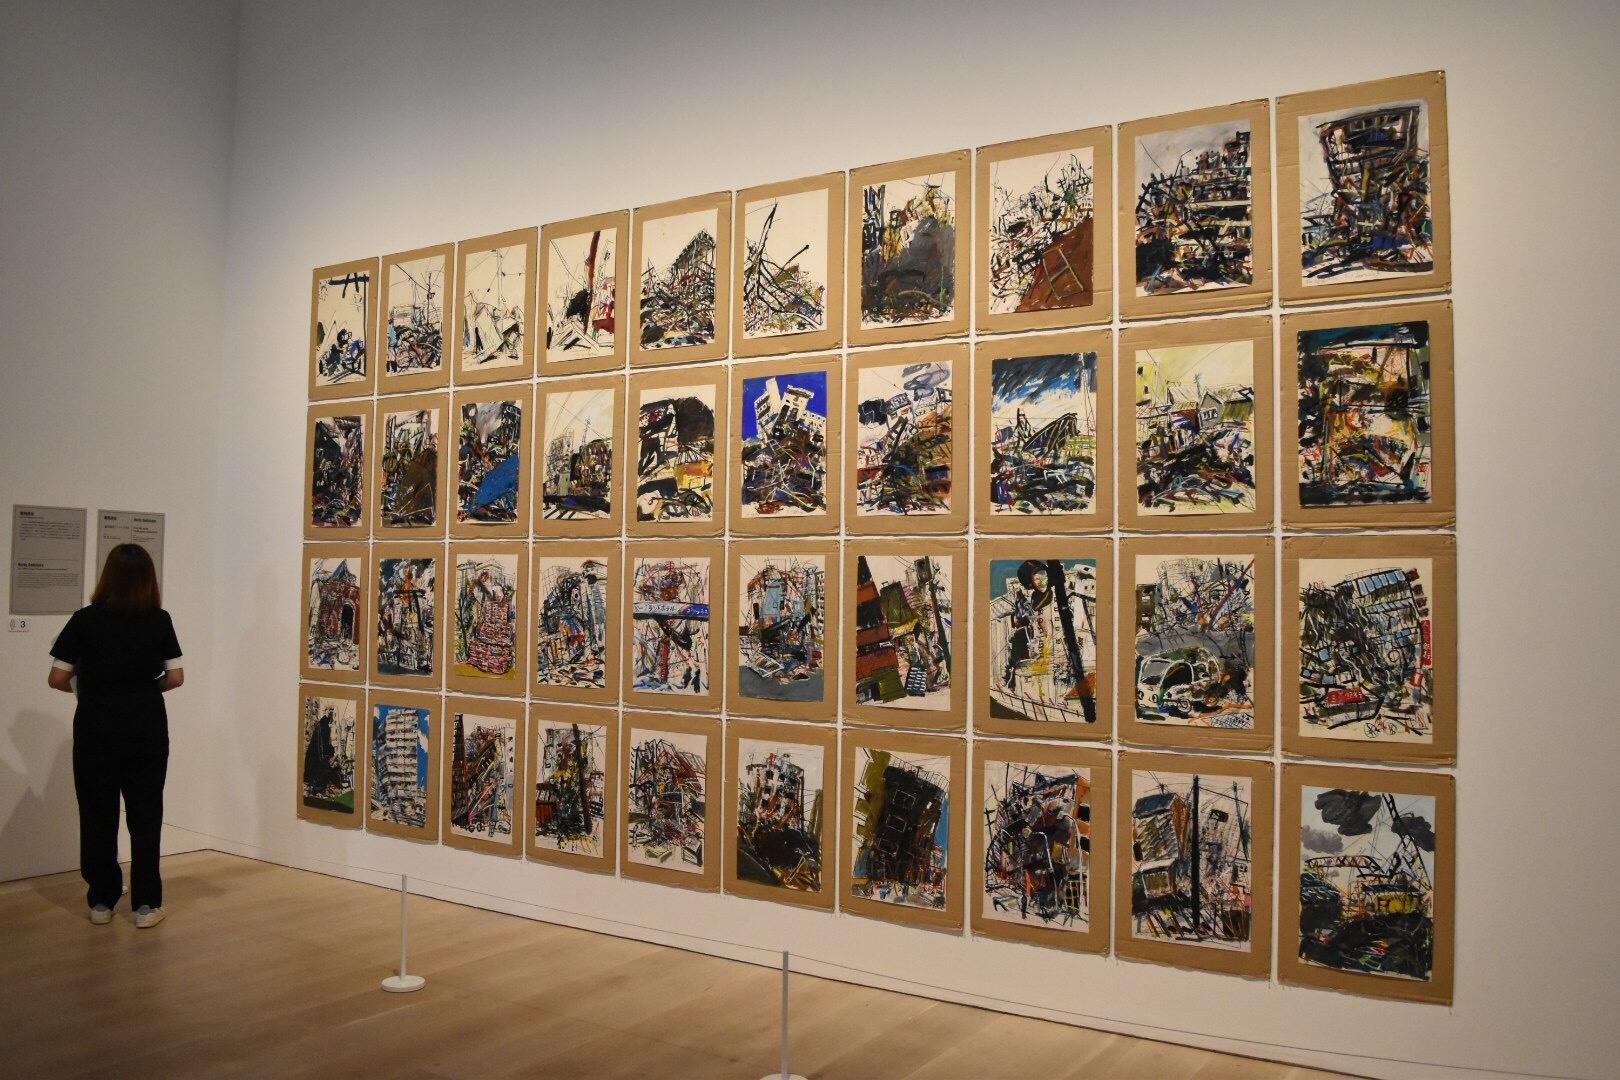 「震災風景」シリーズより 堀尾貞治 1995年 芦屋市立美術博物館蔵